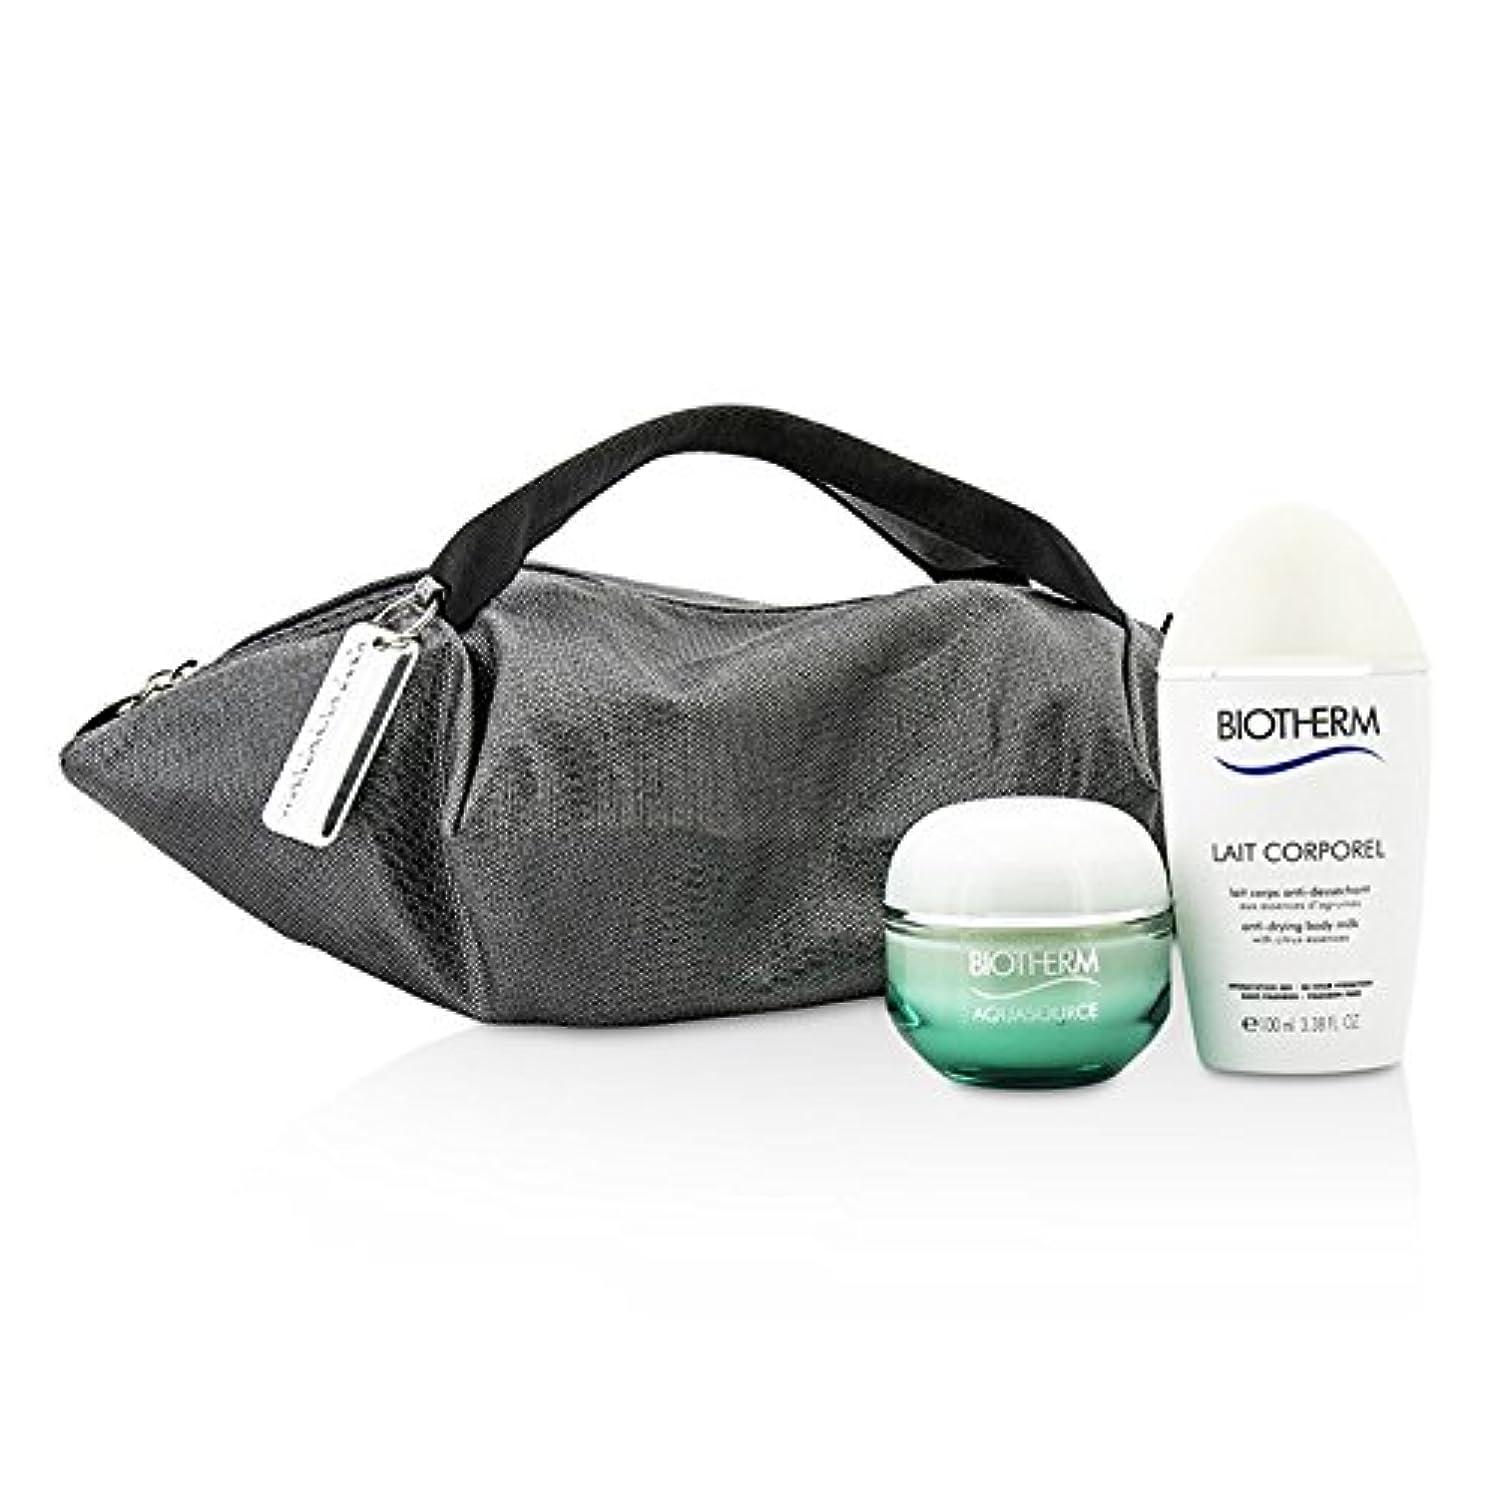 話す発生器タップビオテルム Aquasource & Body Care X Mandarina Duck Coffret: Cream N/C 50ml + Anti-Drying Body Care 100ml + Handle Bag...